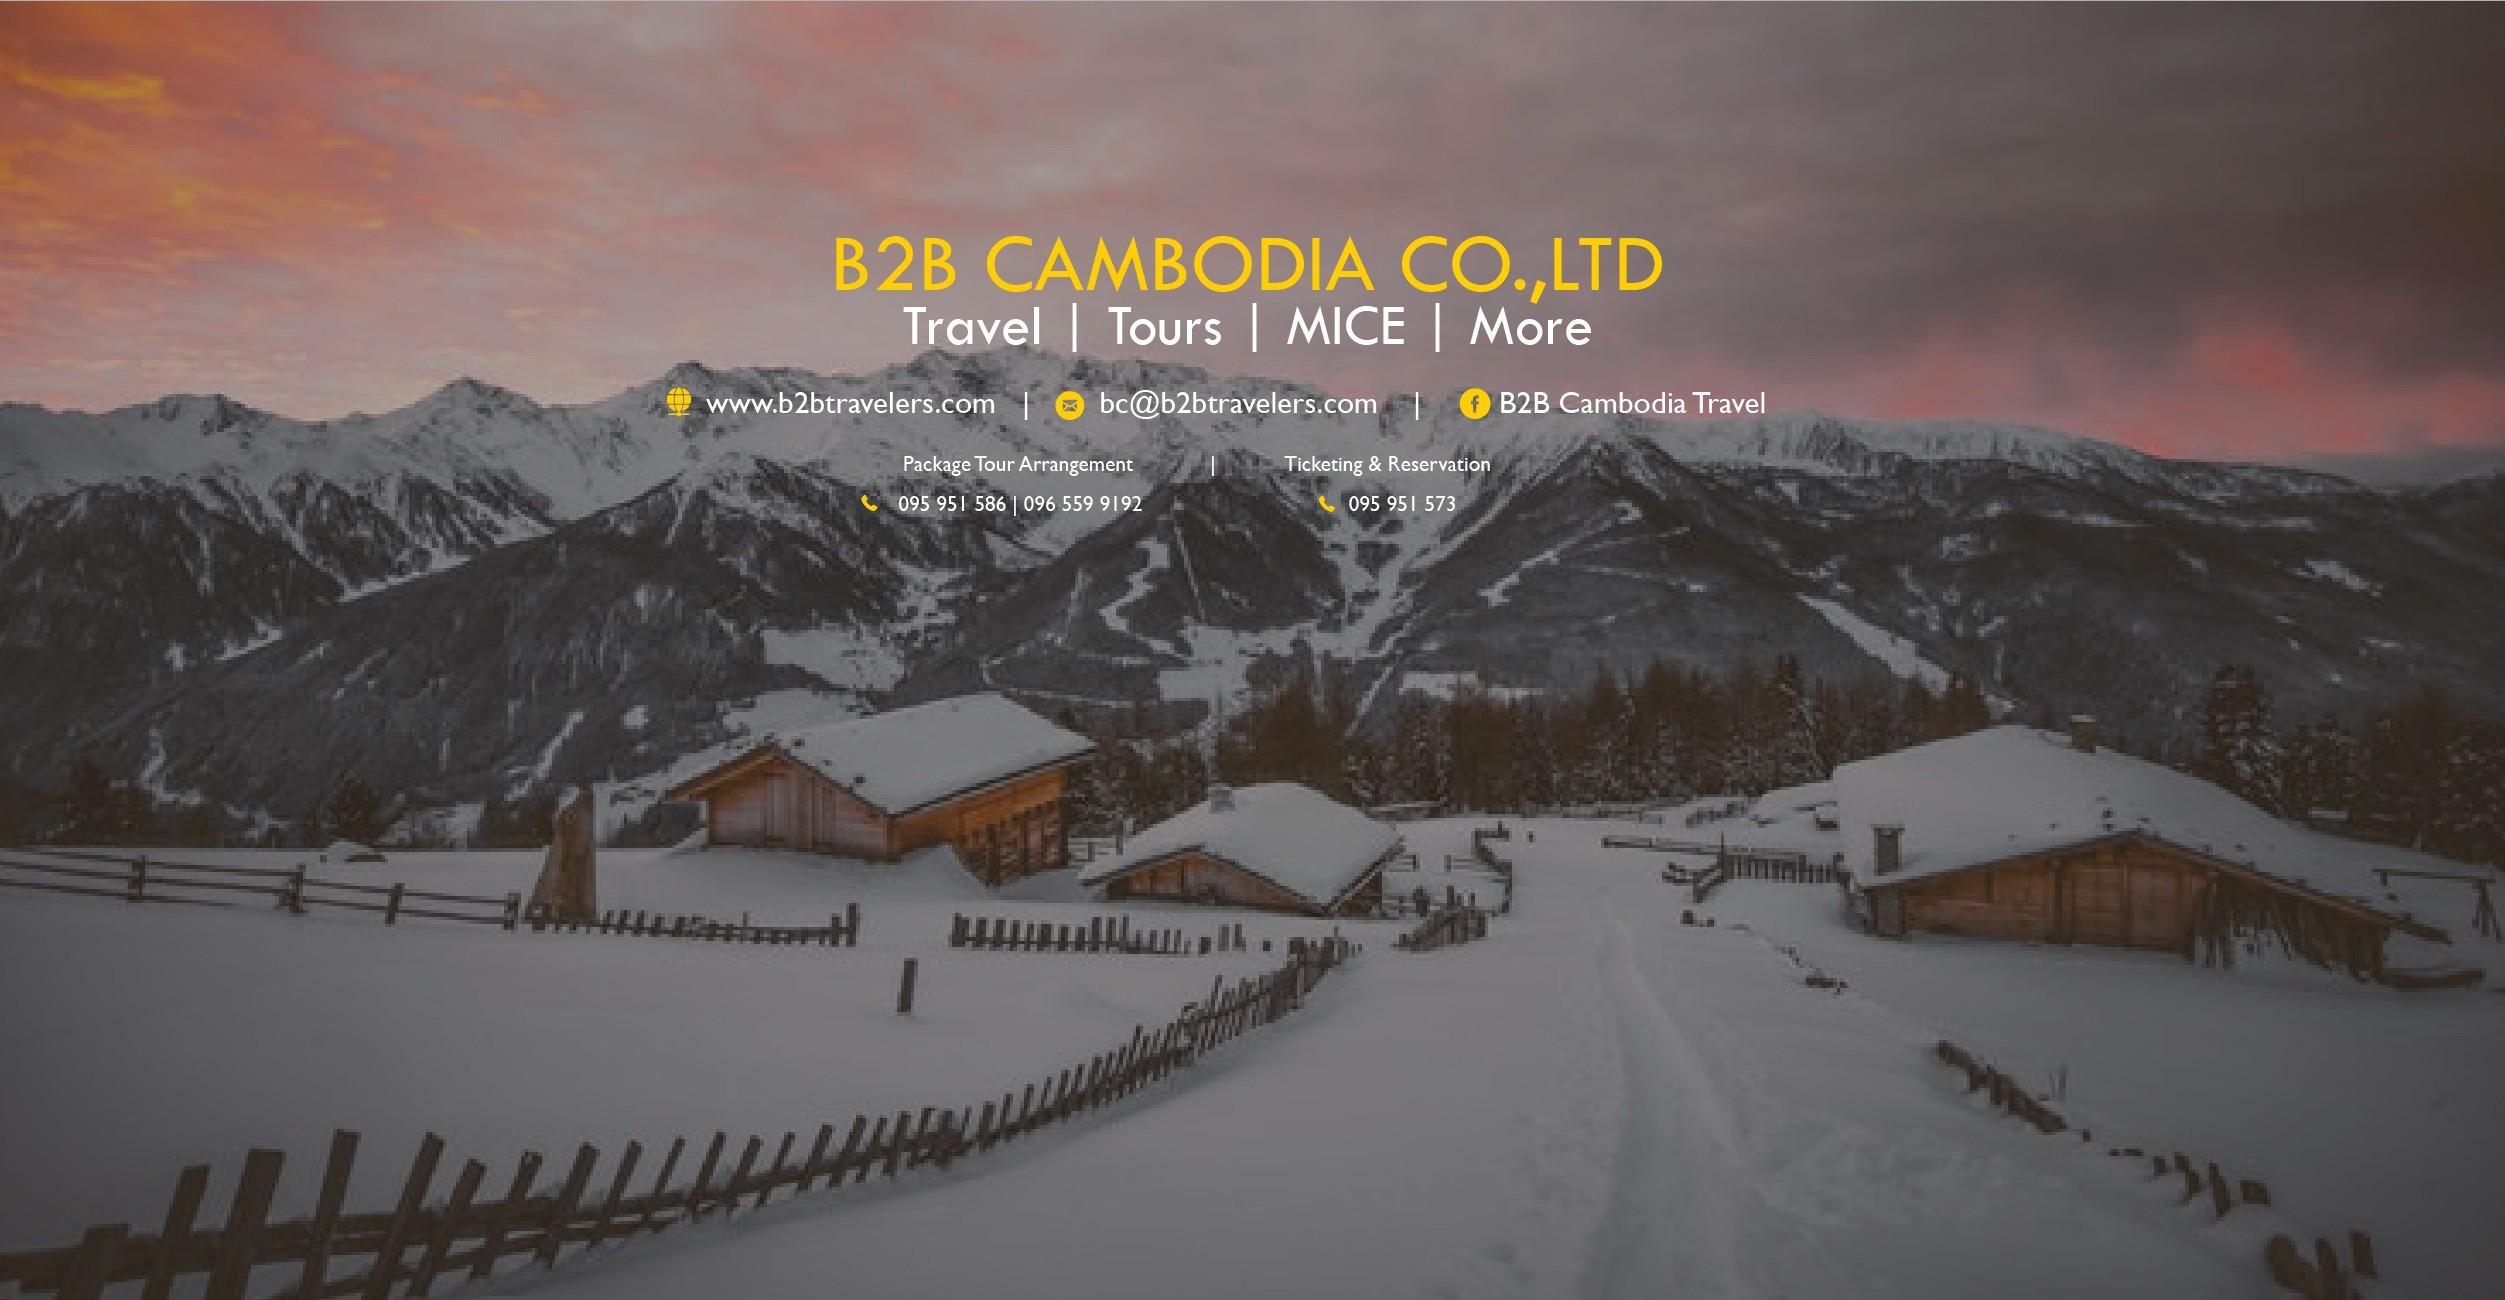 B2B Cambodia Co, Ltd | LinkedIn